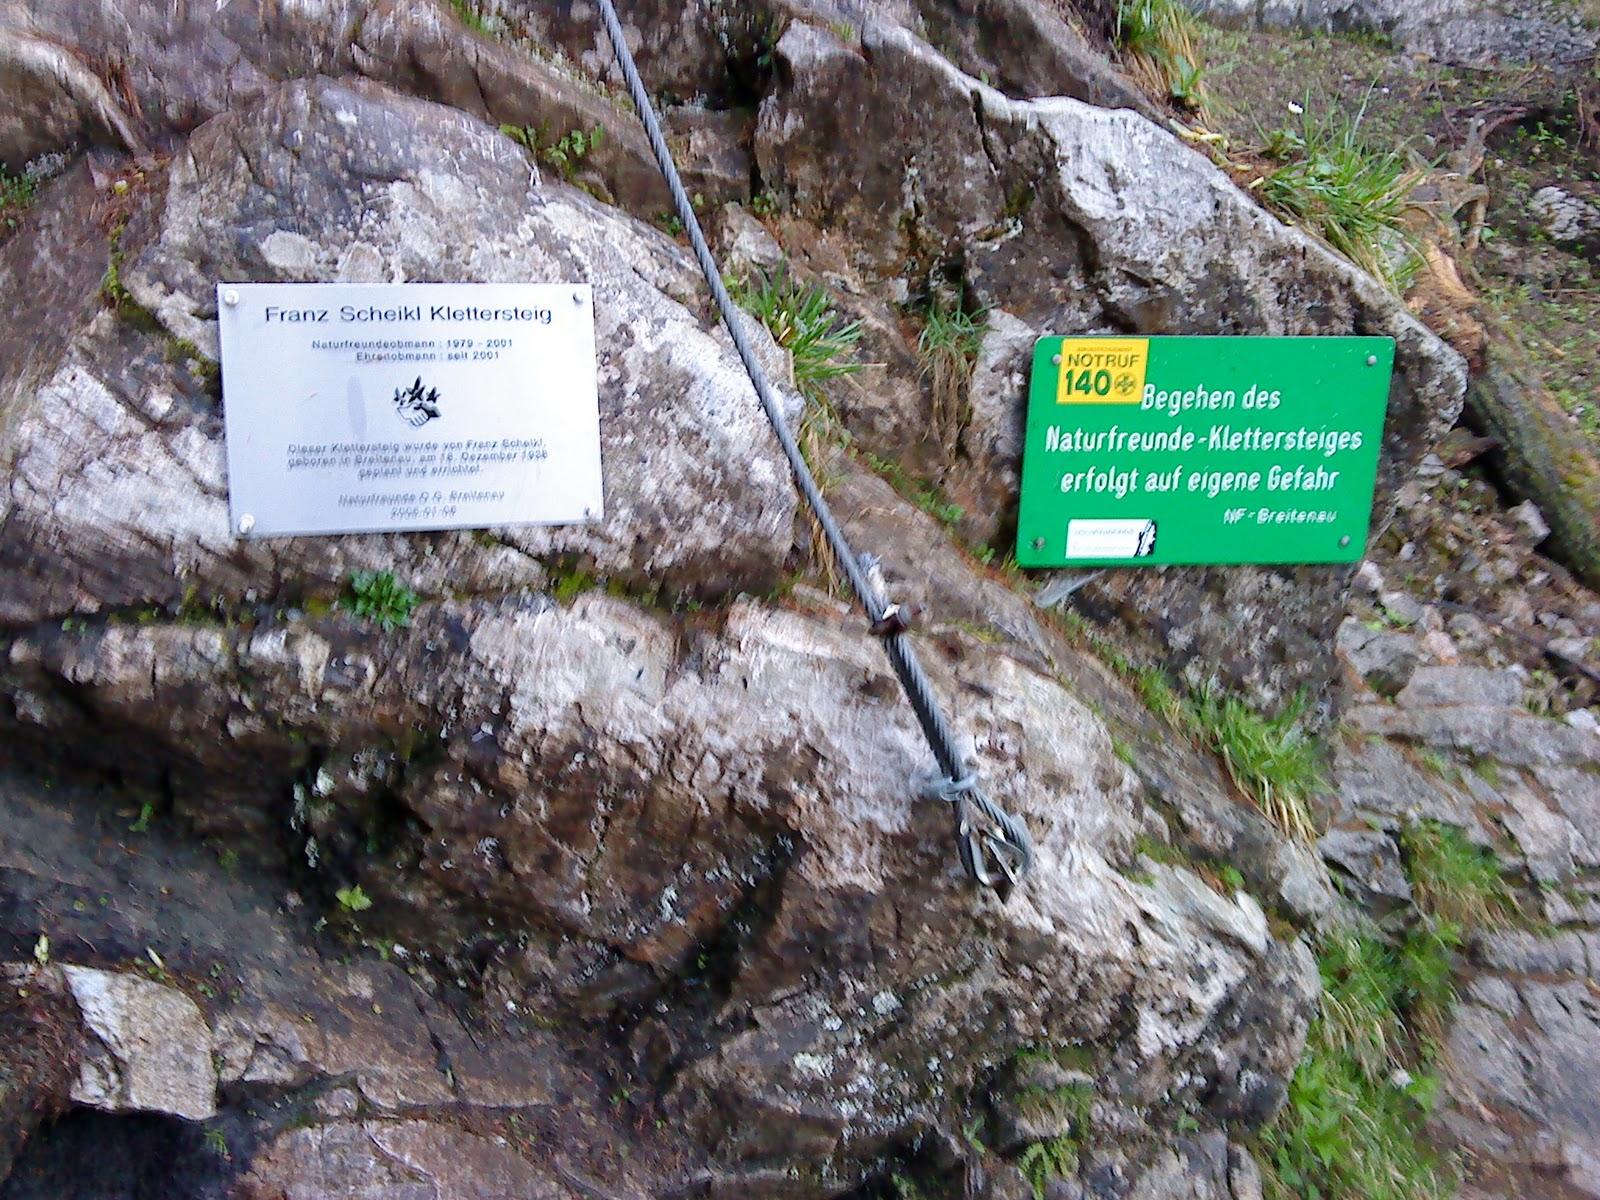 Klettersteig Hochlantsch : Freiluft geckos wandern klettersteig hochlantsch